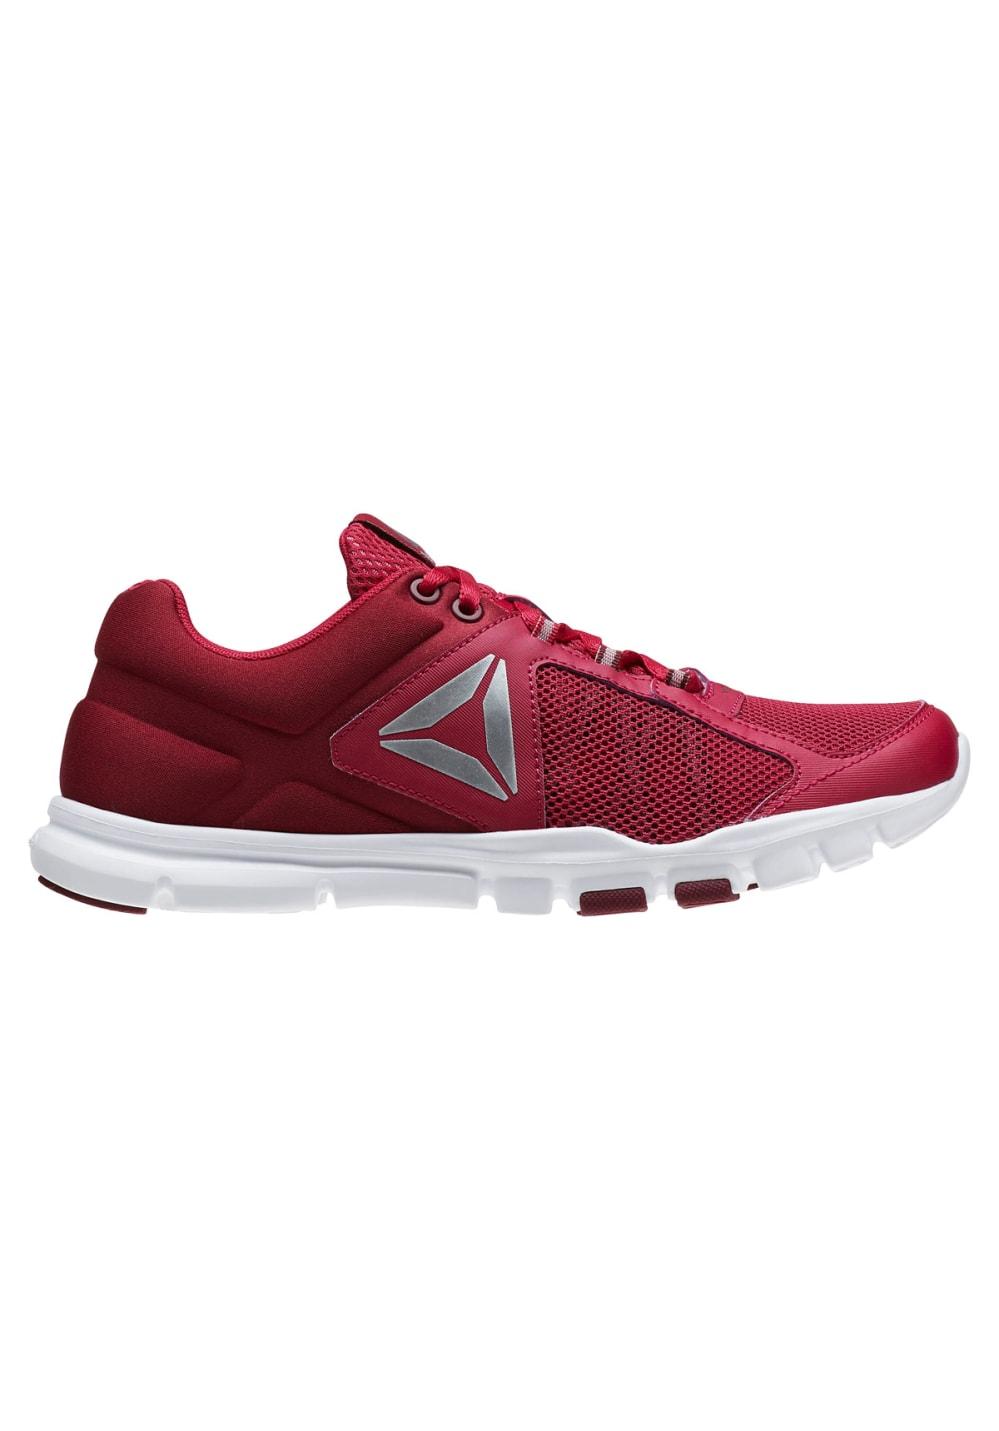 Next. -60%. Reebok. Yourflex Trainette 9.0 MT - Chaussures fitness pour  Femme 7a6d7fc19c1